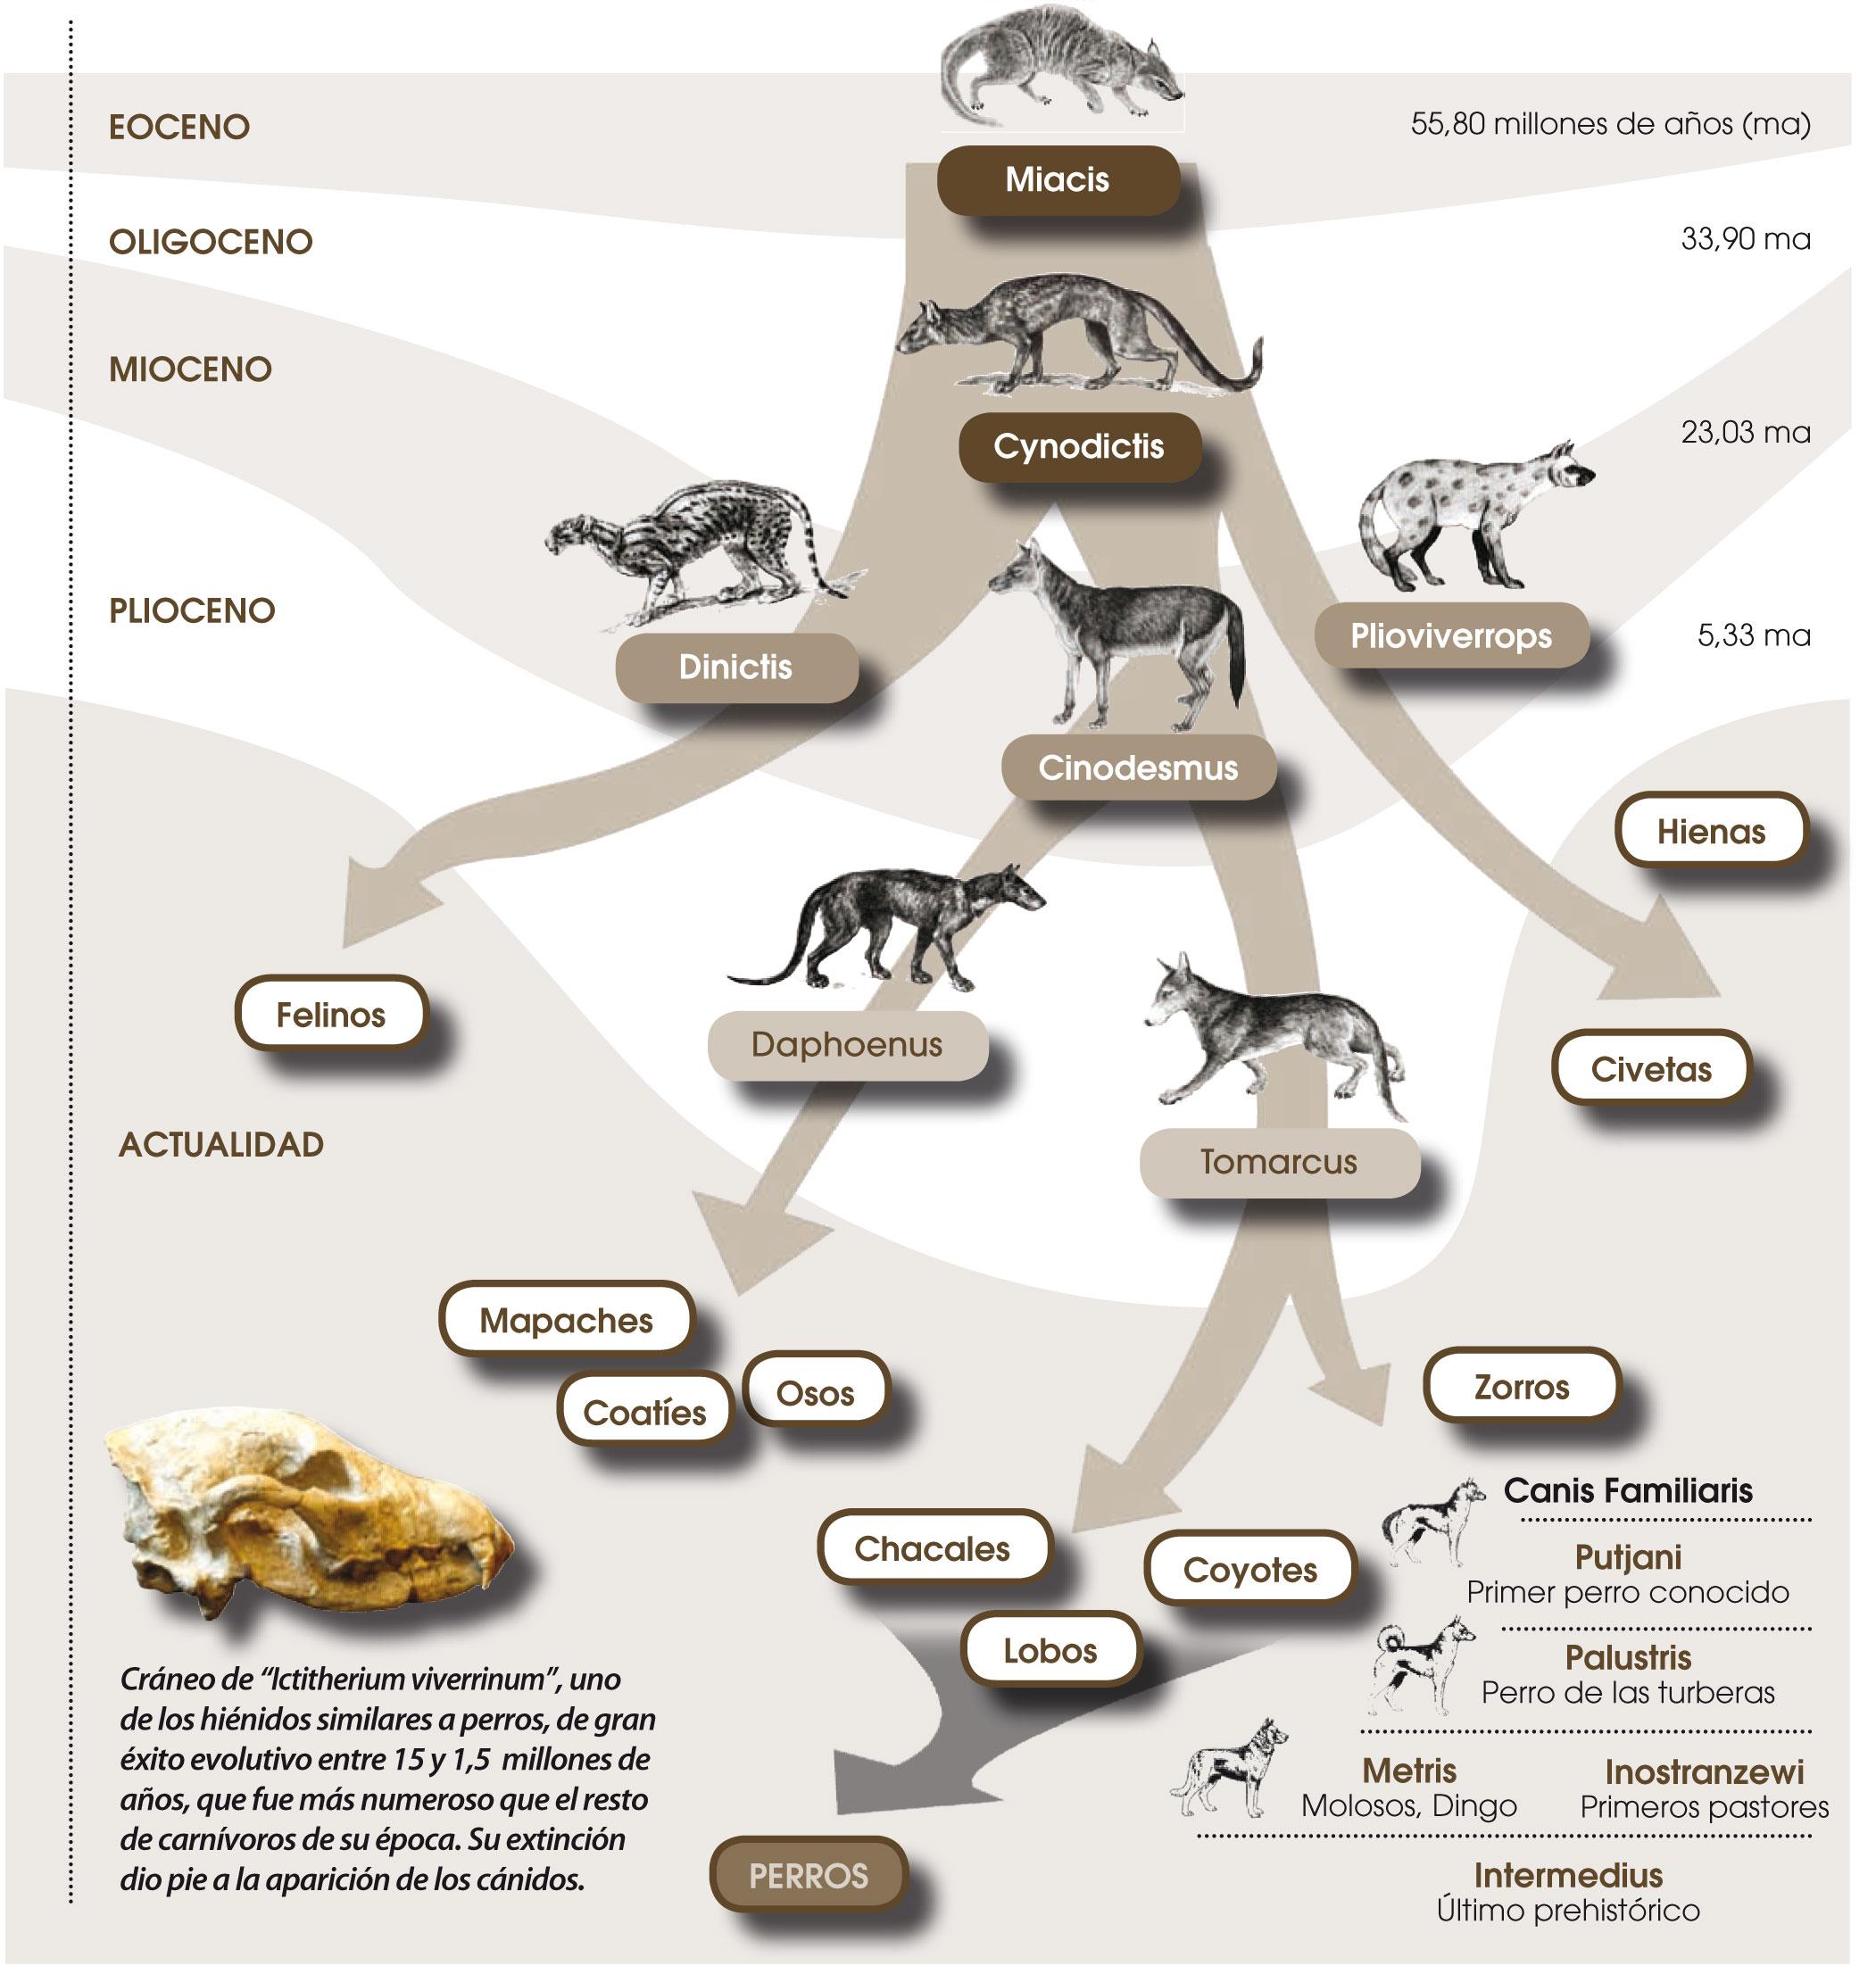 arbol-origen-del-perro-en-la-prehistoria